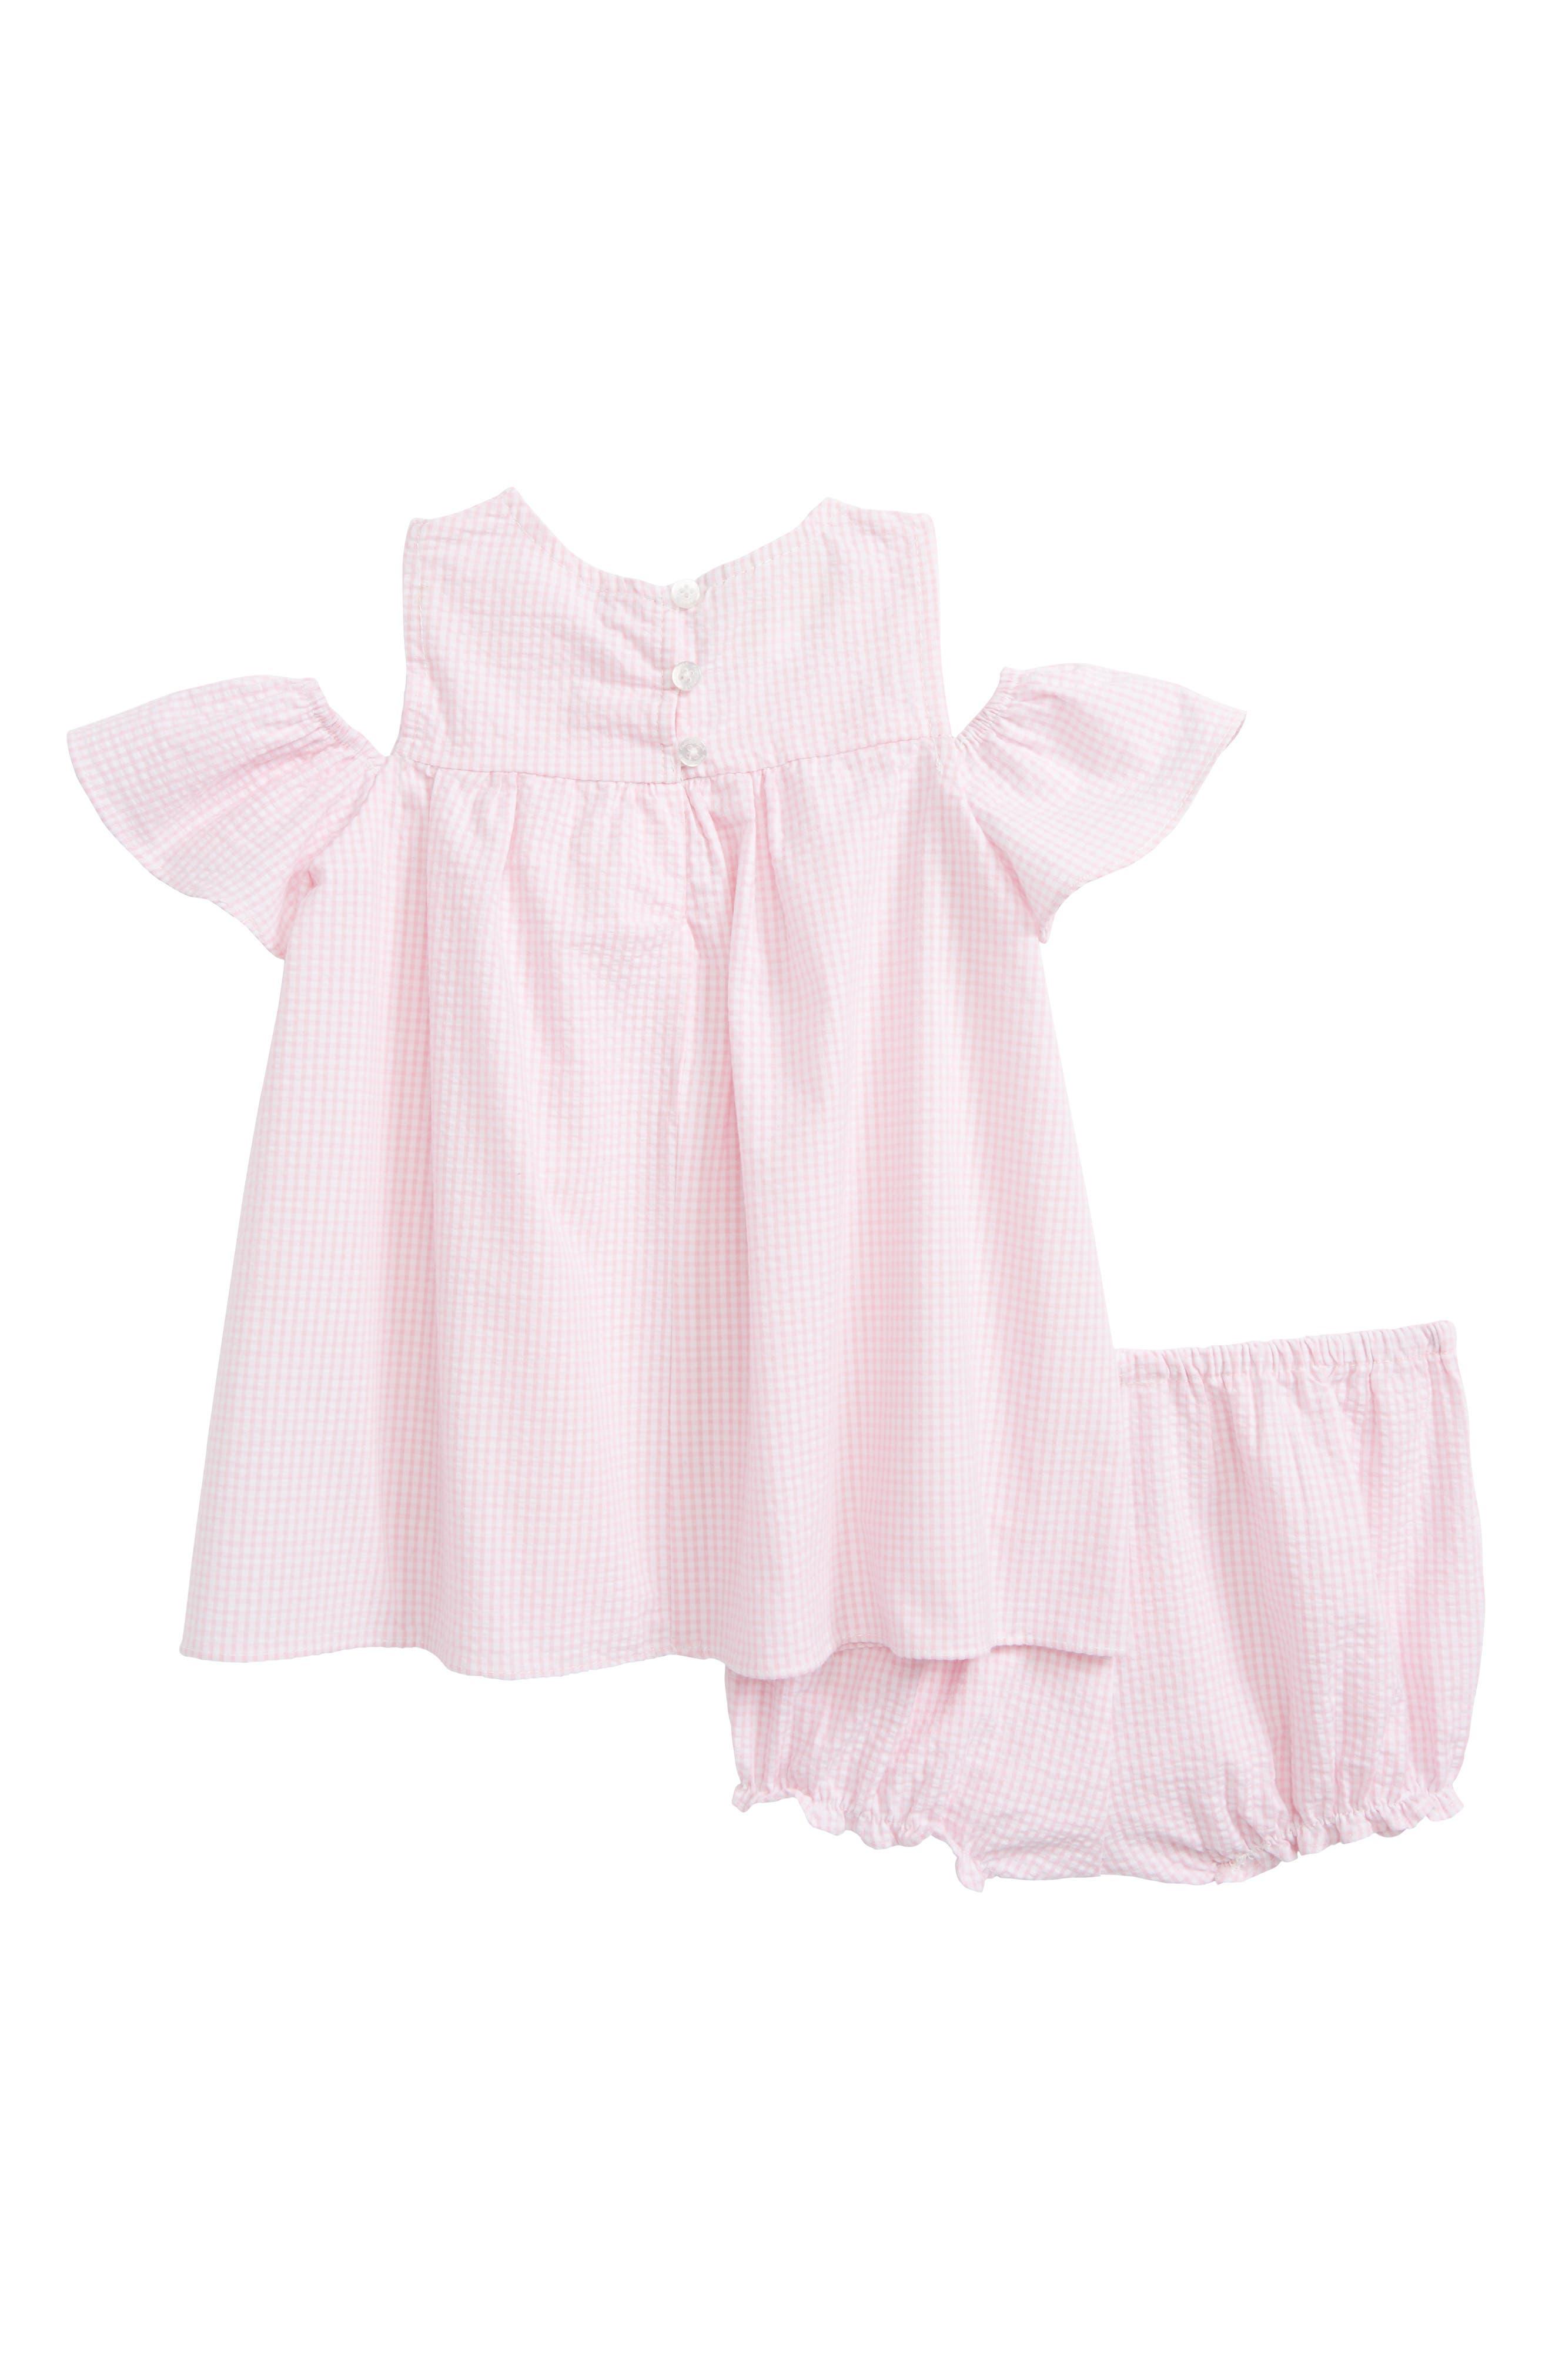 Seersucker Cold Shoulder Dress,                             Alternate thumbnail 2, color,                             Pink White